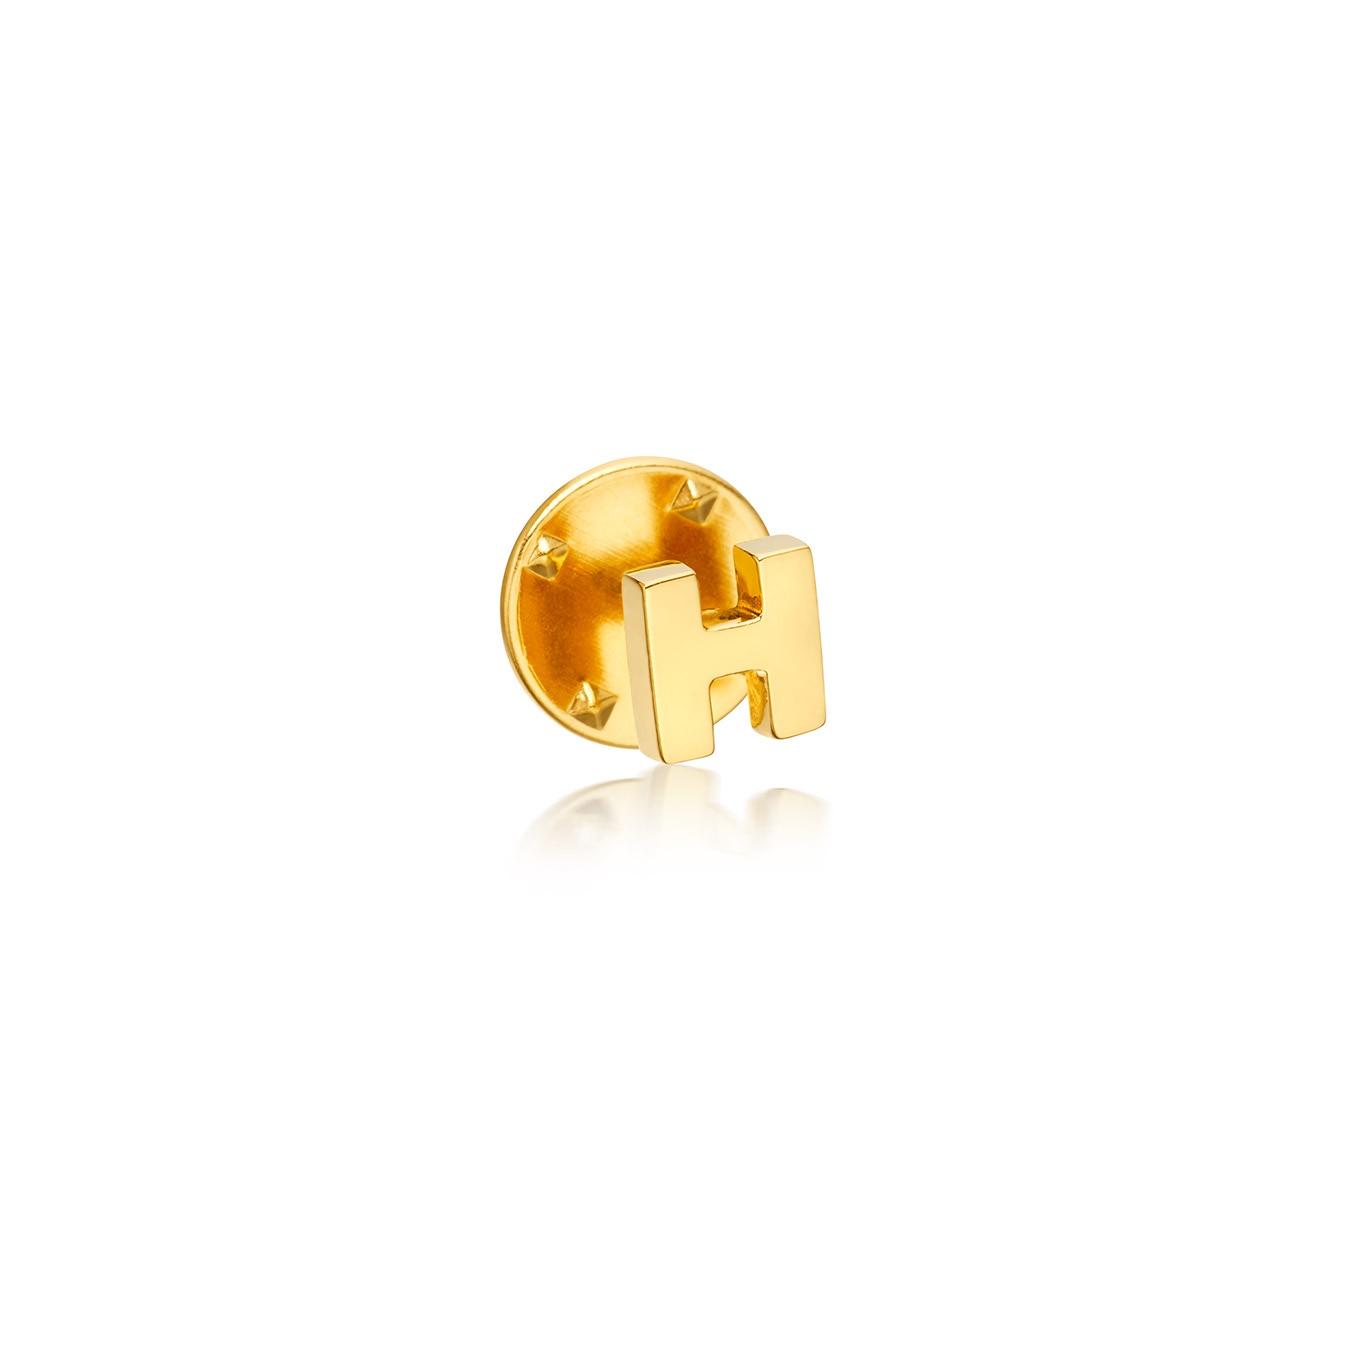 Initial 'H' Biography Pin